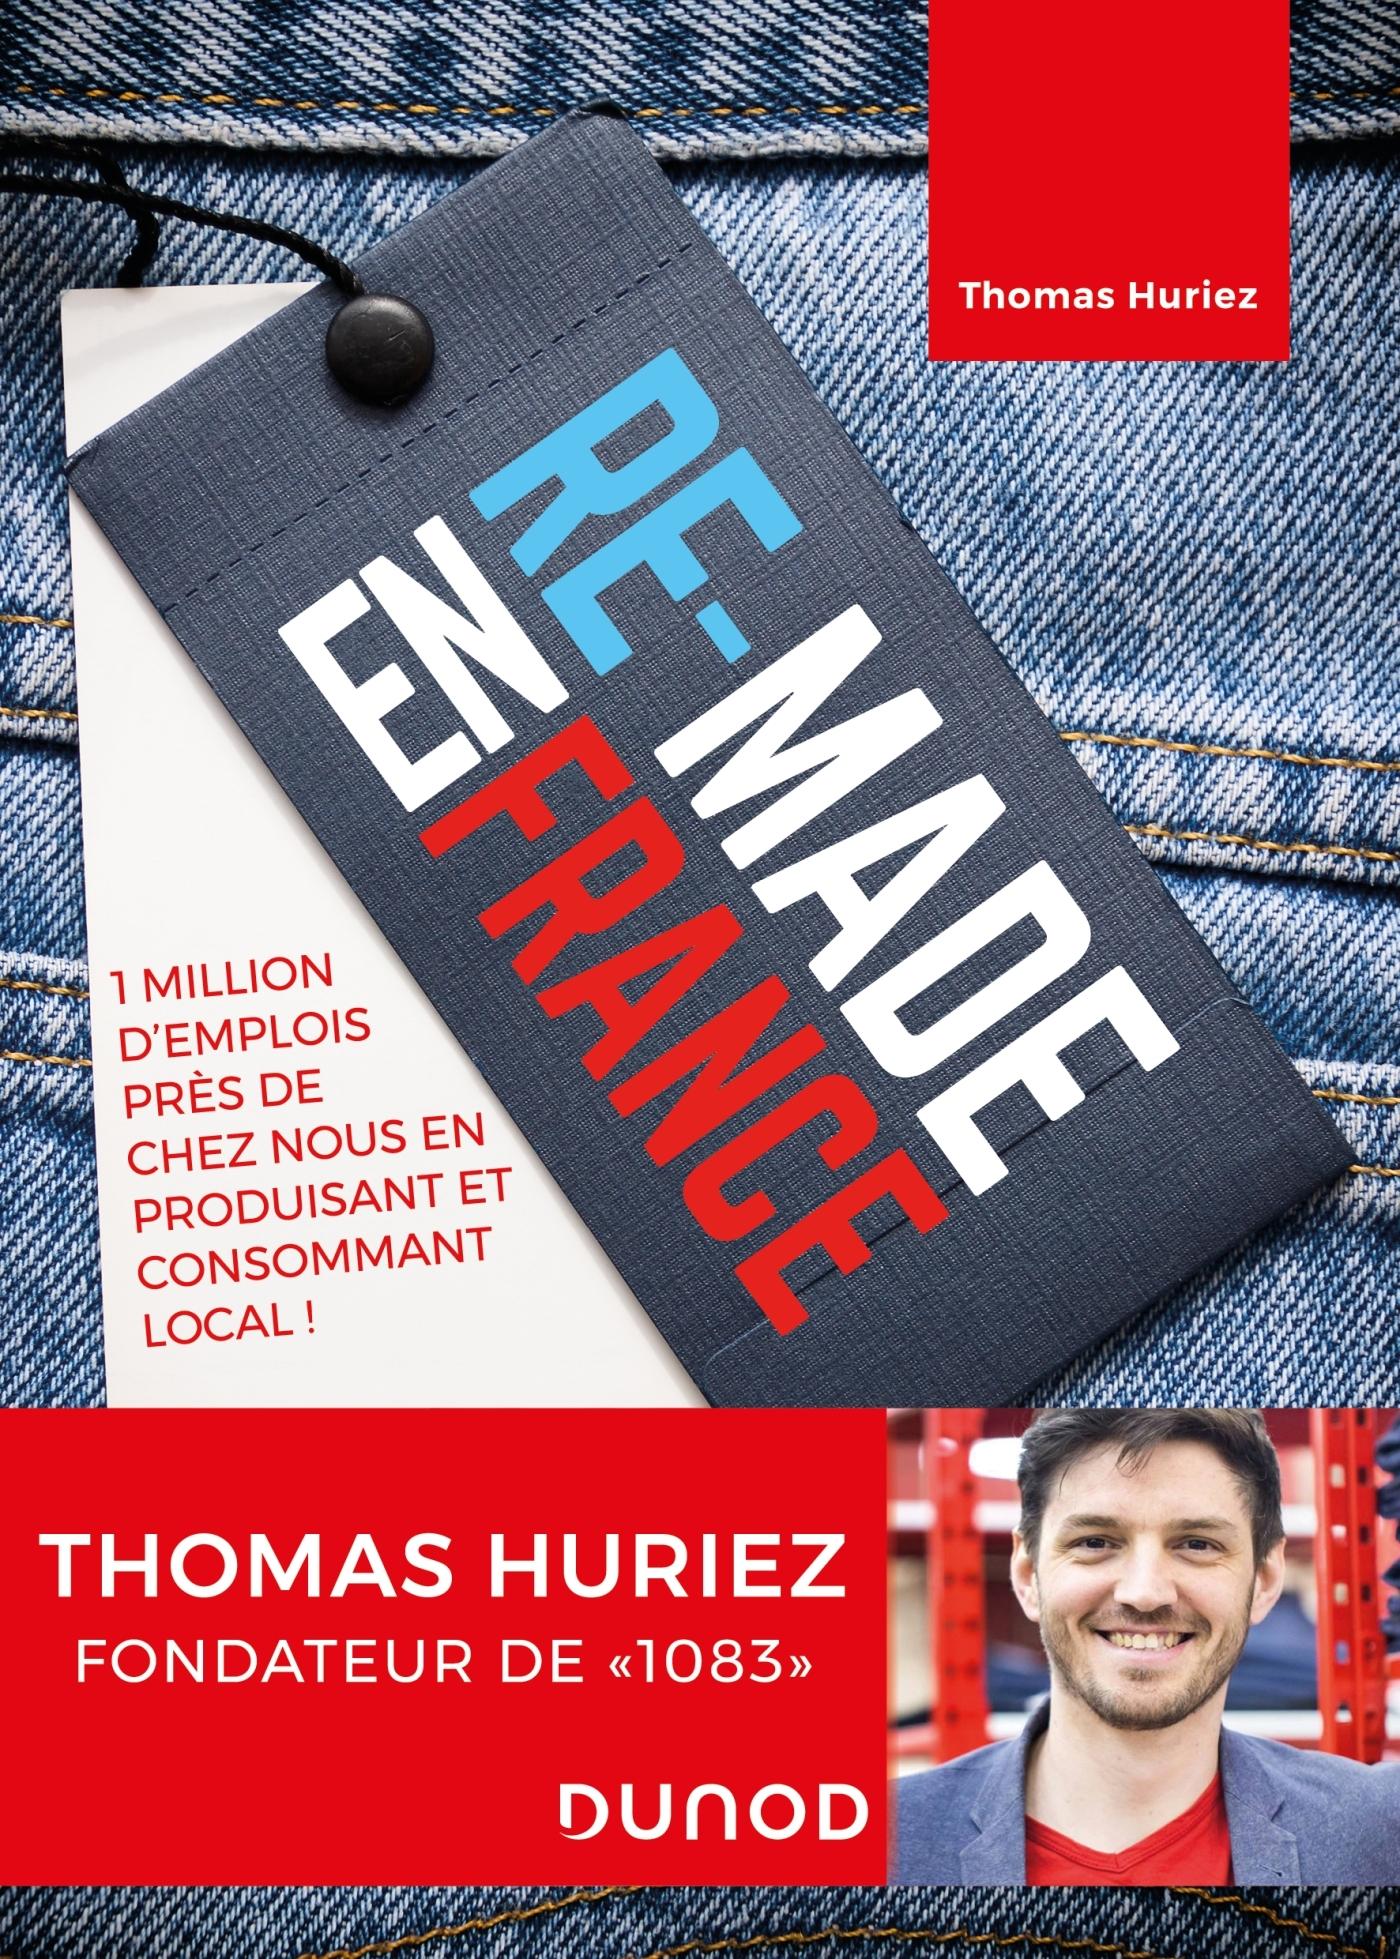 RE-MADE EN FRANCE - 1 MILLION D'EMPLOIS PRES DE CHEZ NOUS EN PRODUISANT ET CONSOMMANT LOCAL